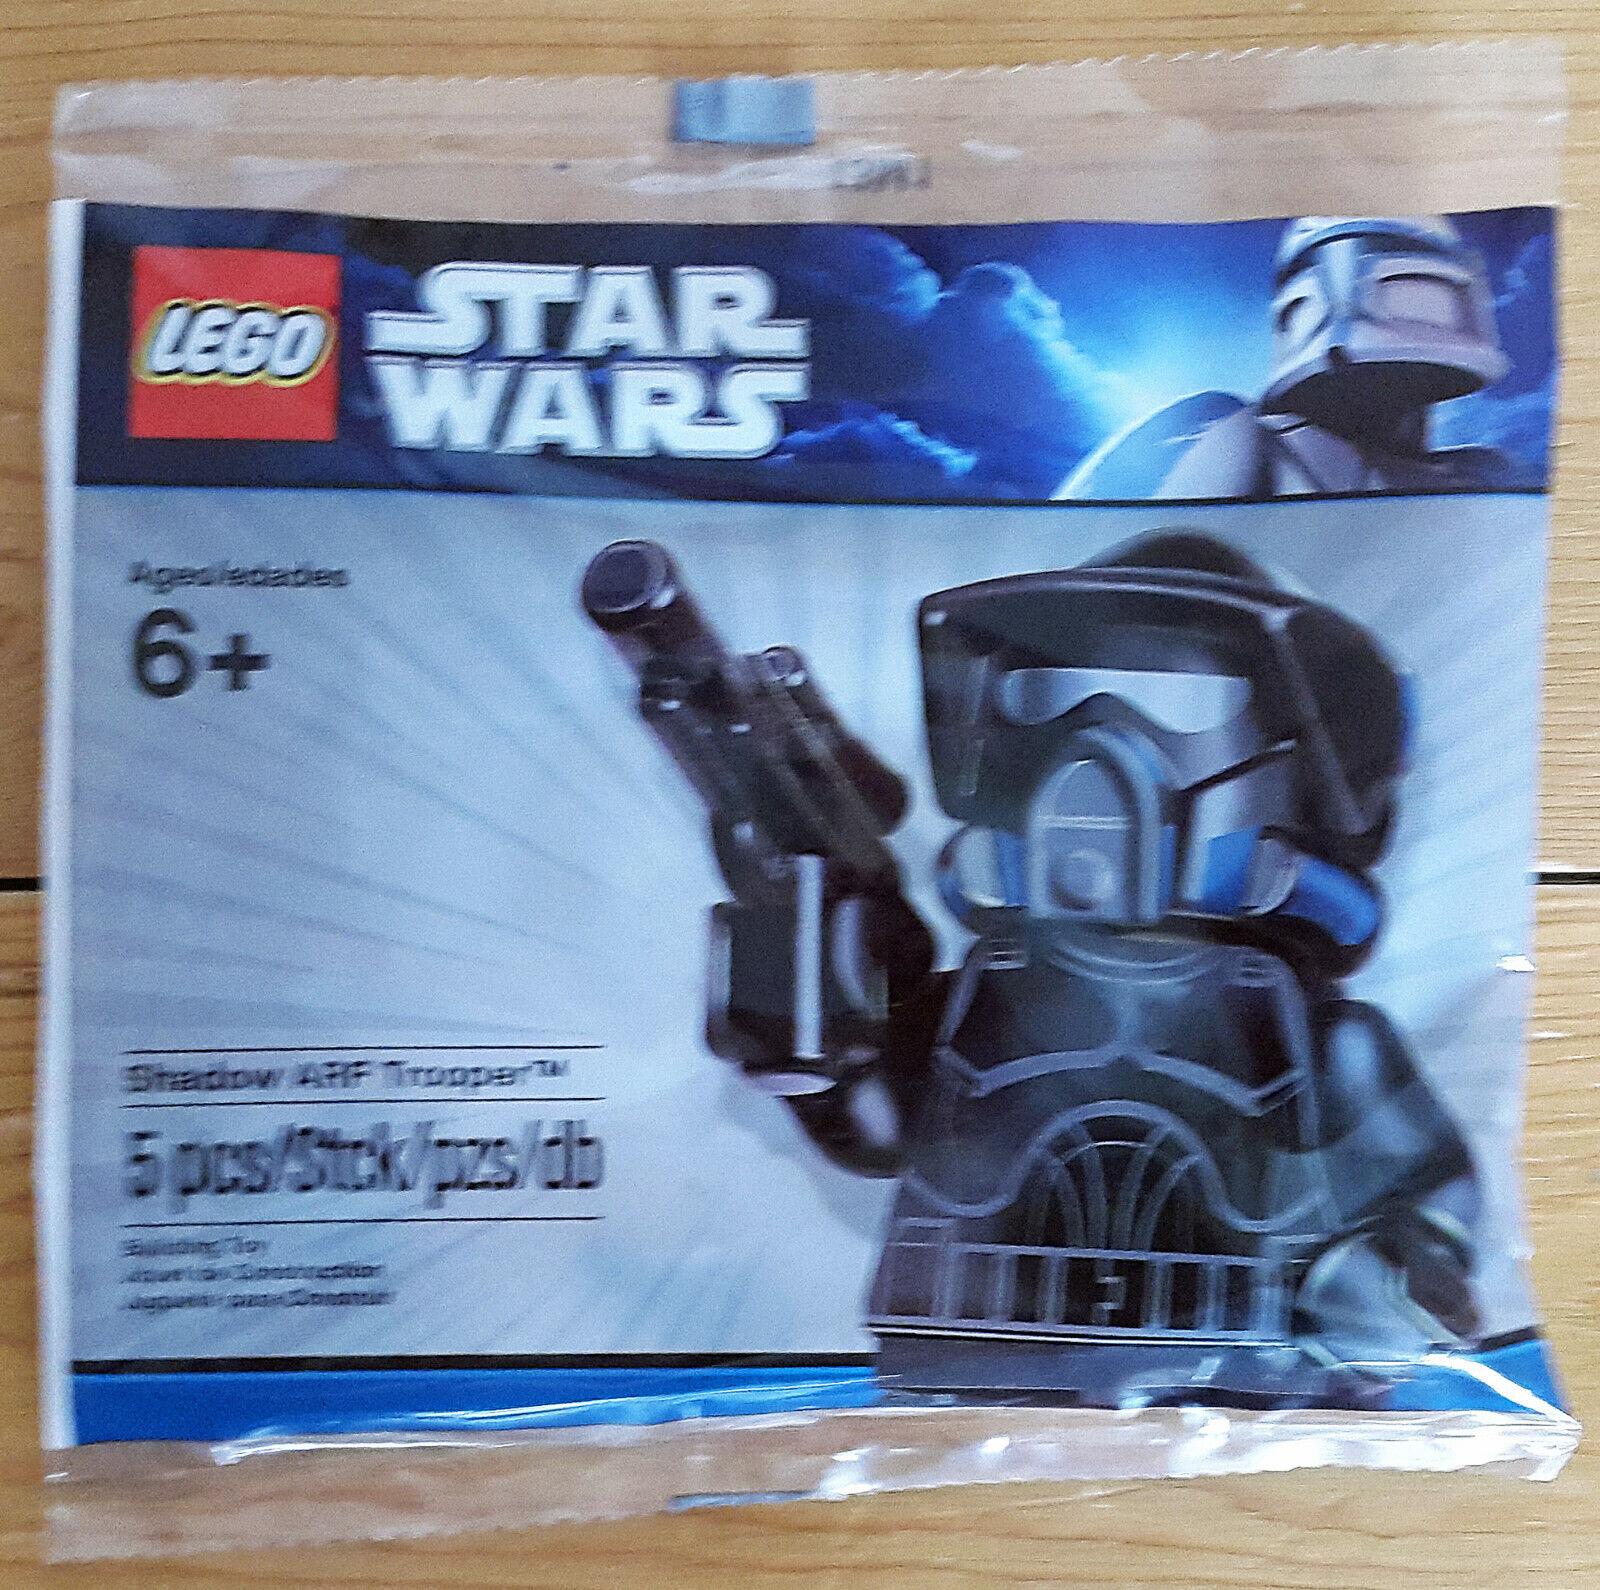 LEGO Star Wars Shadow ARF Trooper Minifig - New, Sealed Polybag 2856197 4649858